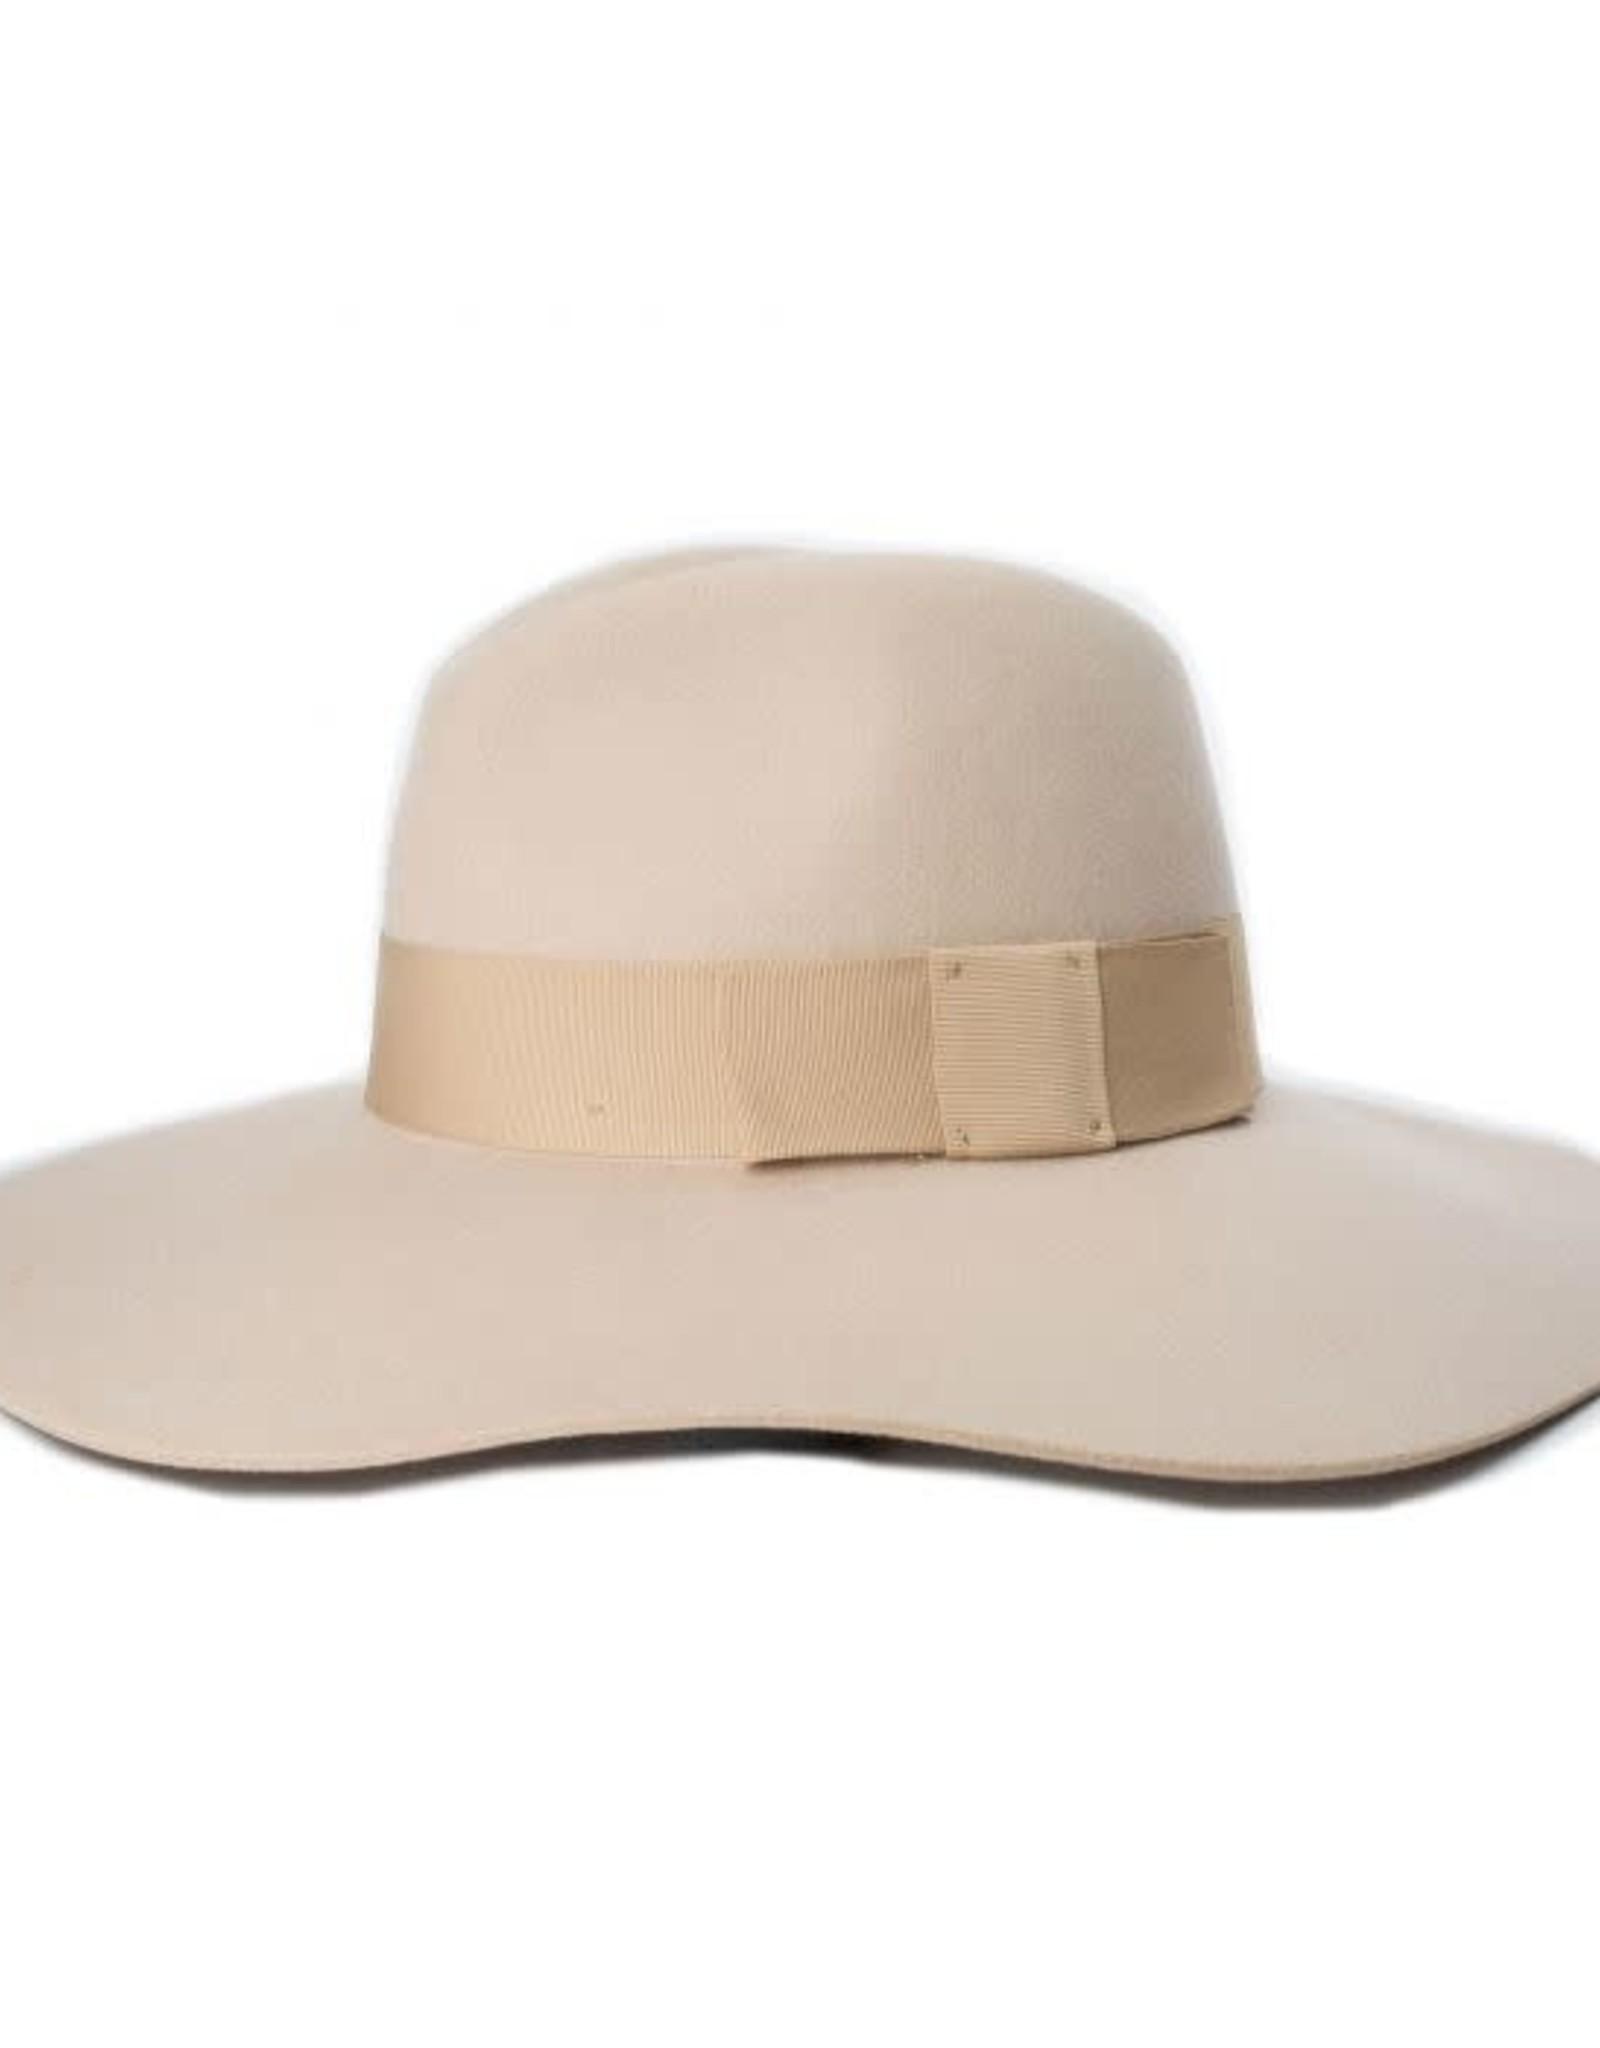 BRIXTON PIPER Floppy hat